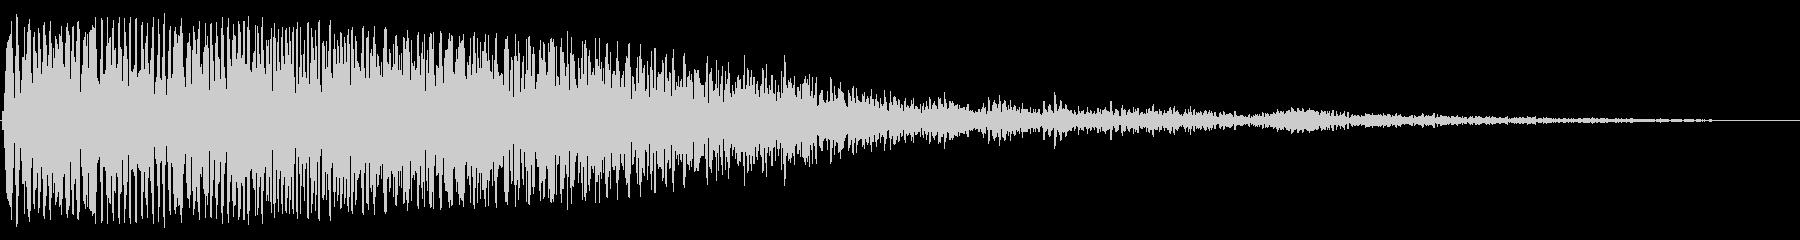 ゆっくりと響くスペース音の未再生の波形